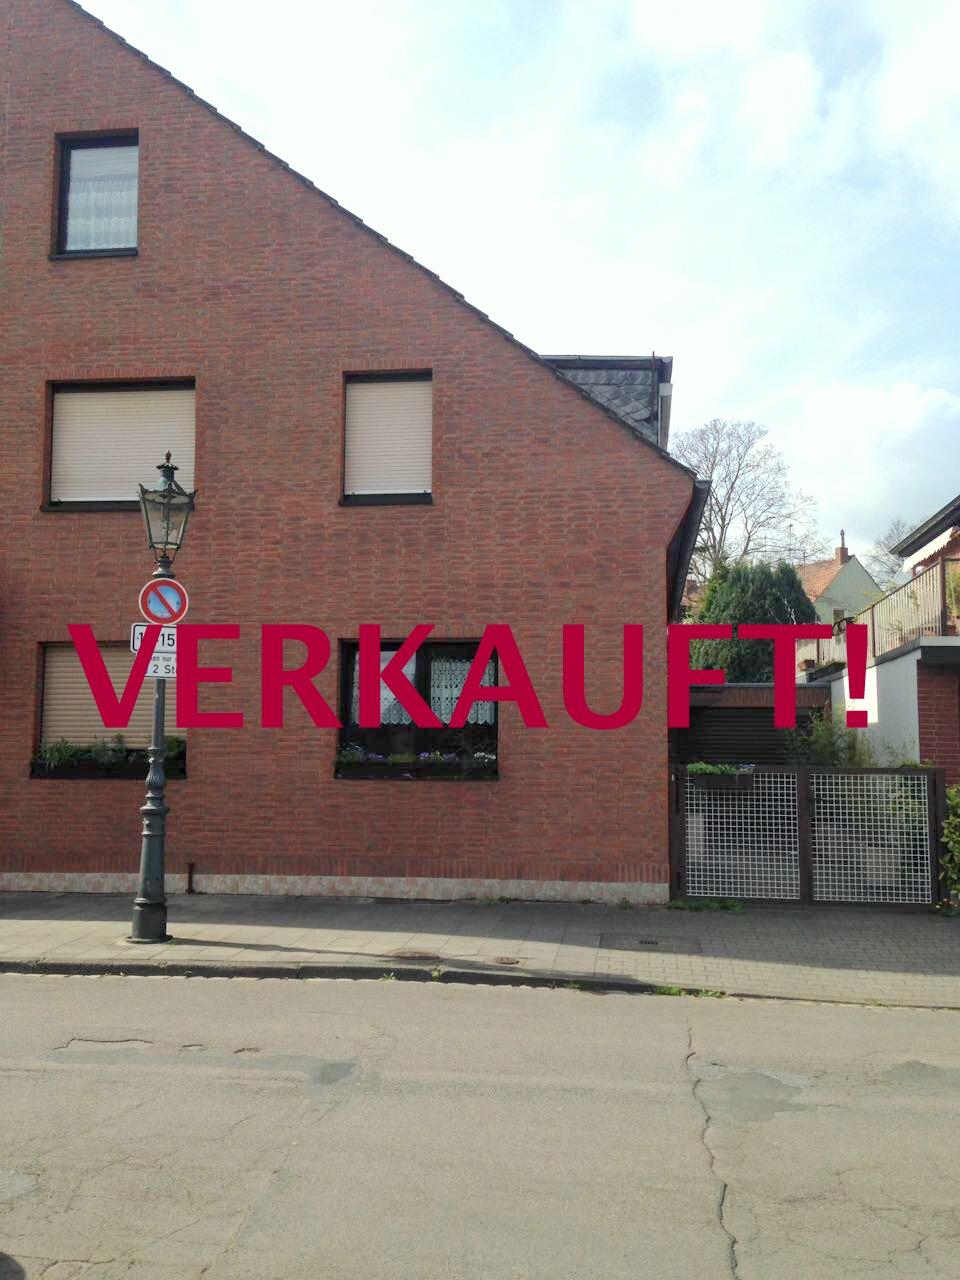 VERKAUFT! Schöne Doppelhaushälfte mit Garten, Terrasse, Balkon und Garage im begehrten Stadtteil Unterrath- Nähe Vogelsiedlung